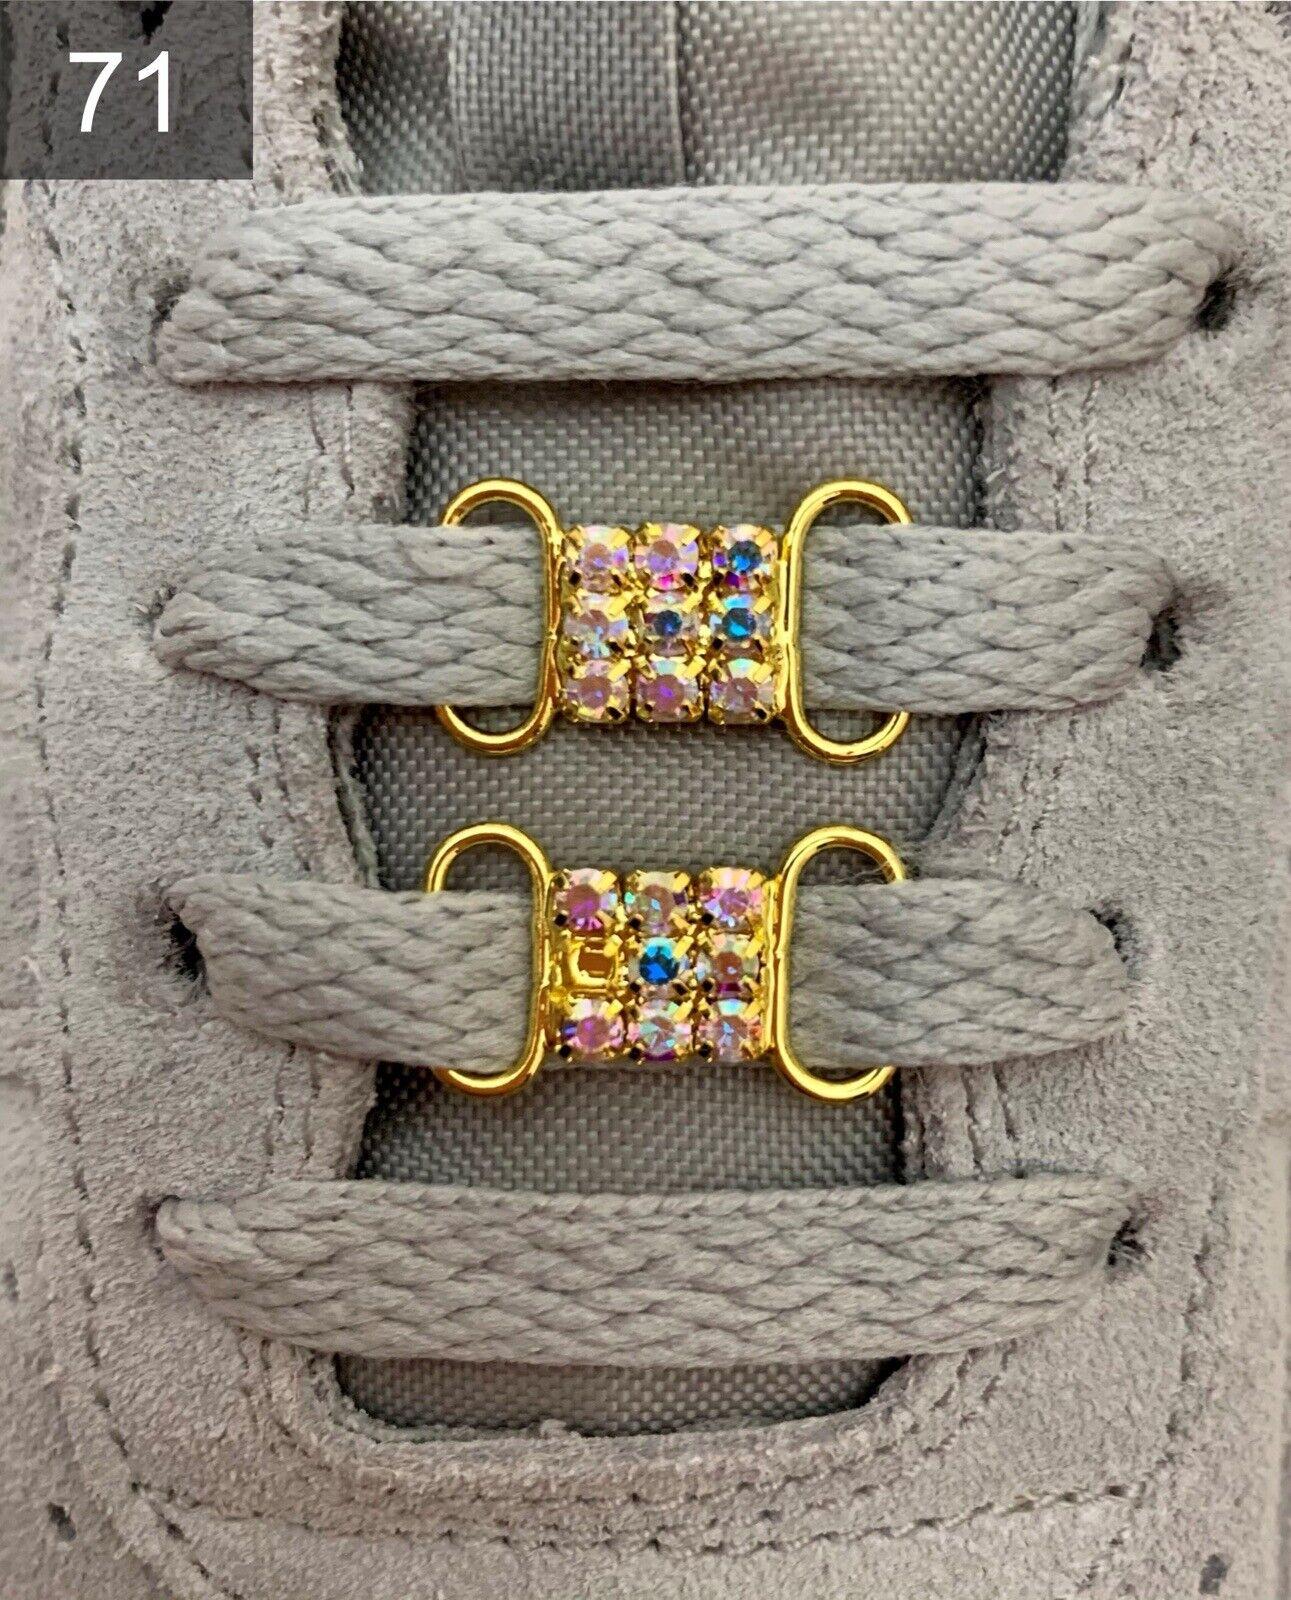 ❤ nuevas nike Air Force 1 zapato hebillas Lace Locks Buckles 38 39 40 2 unid. ❤